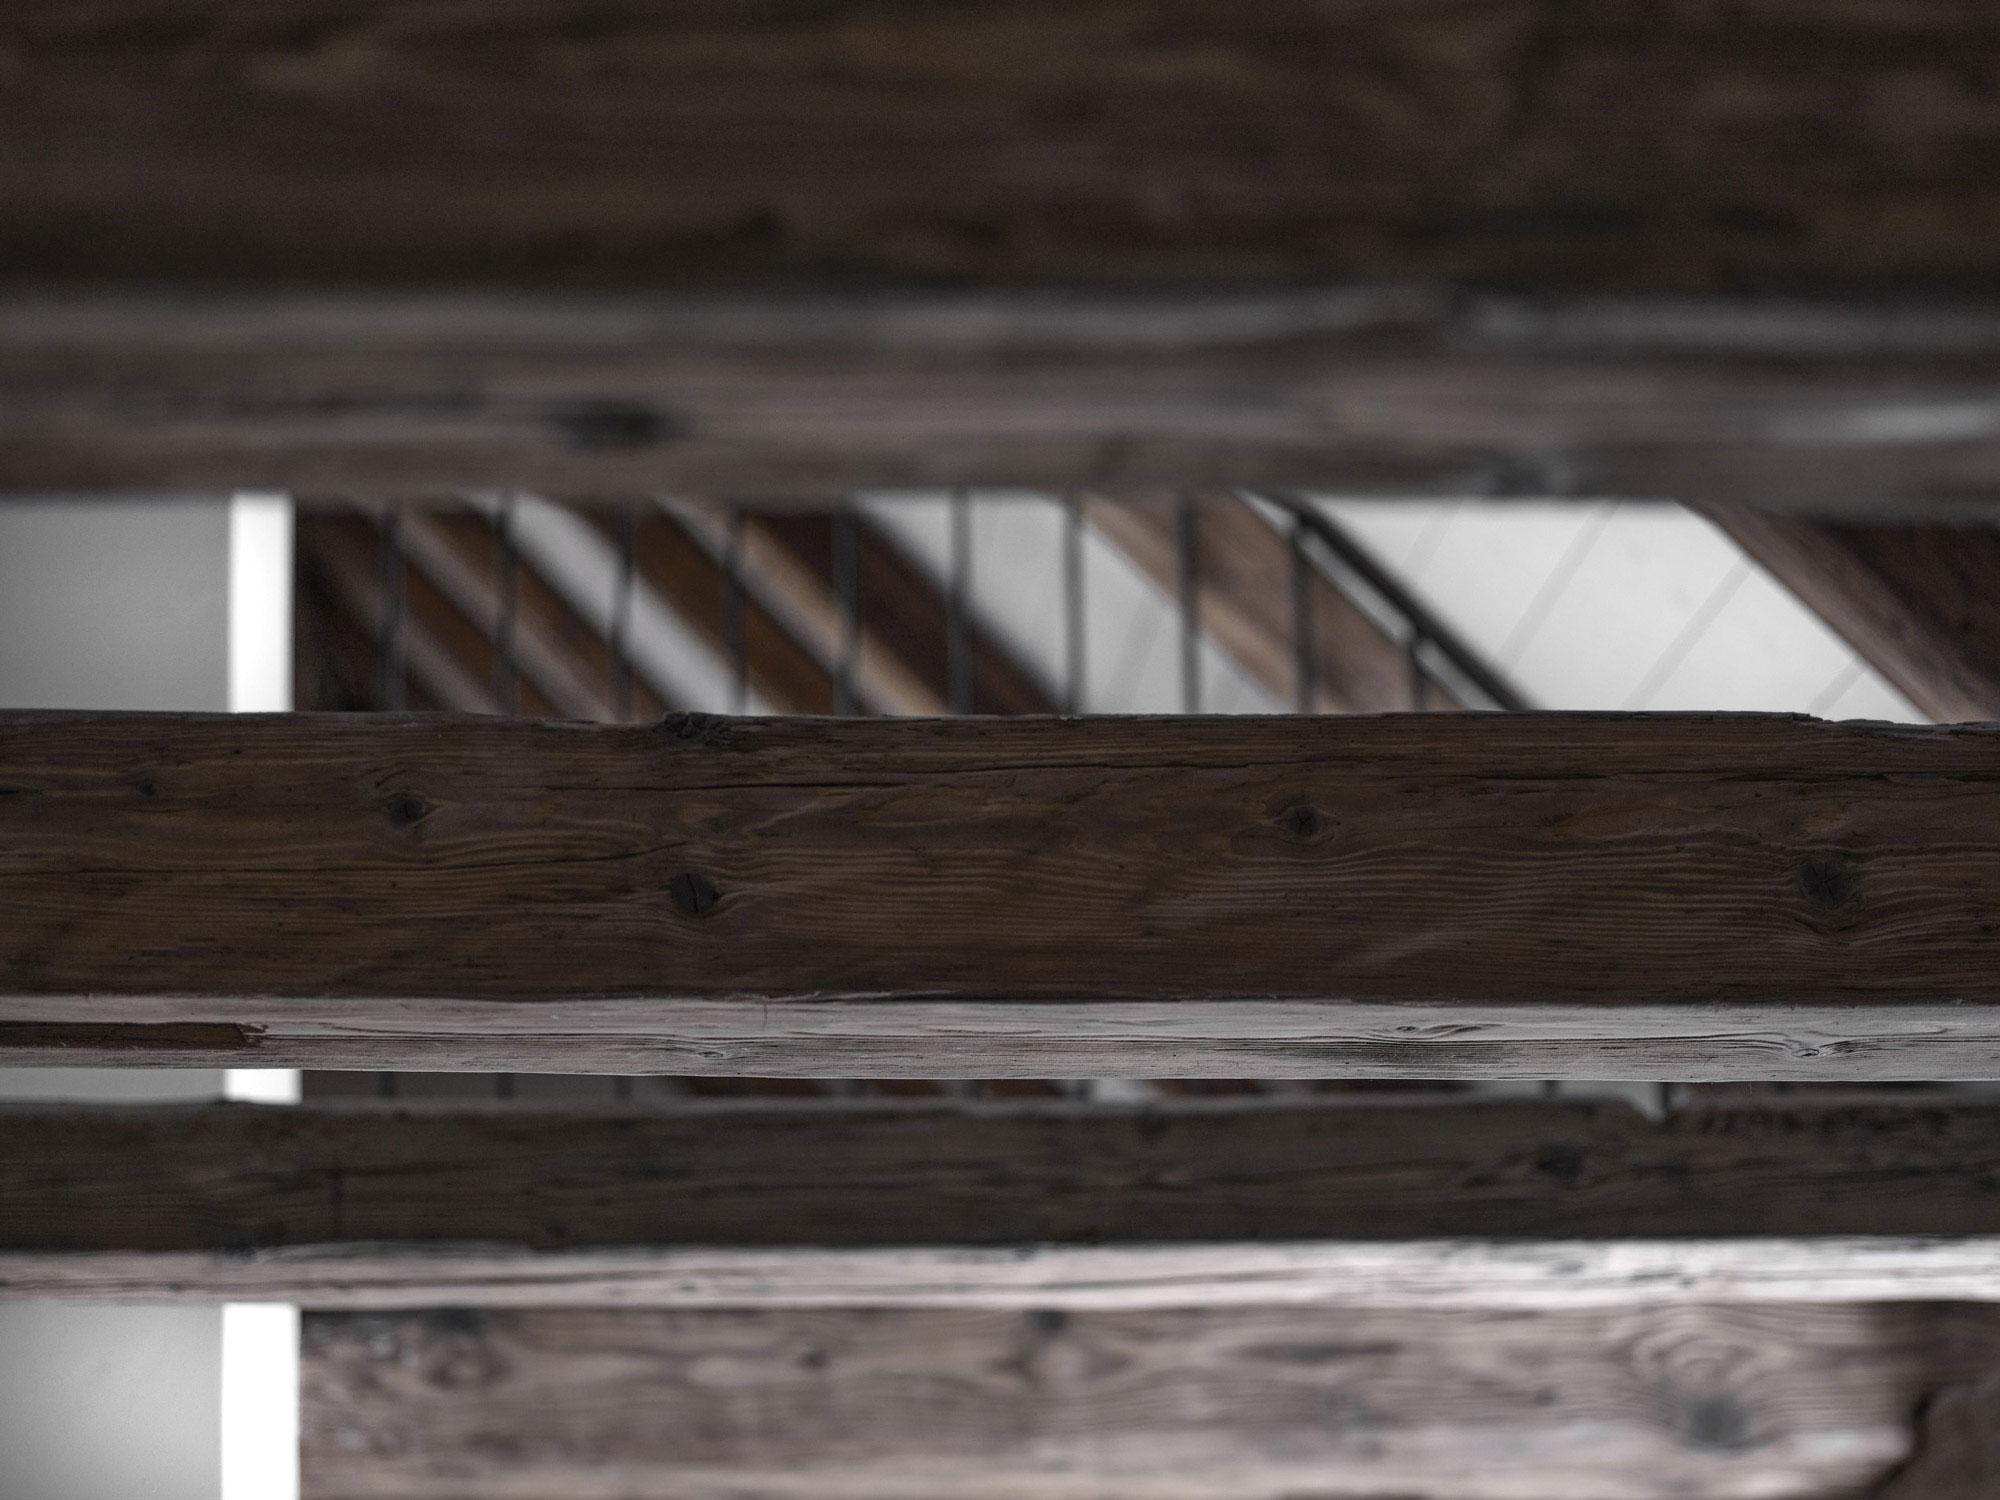 venuti-architects-16